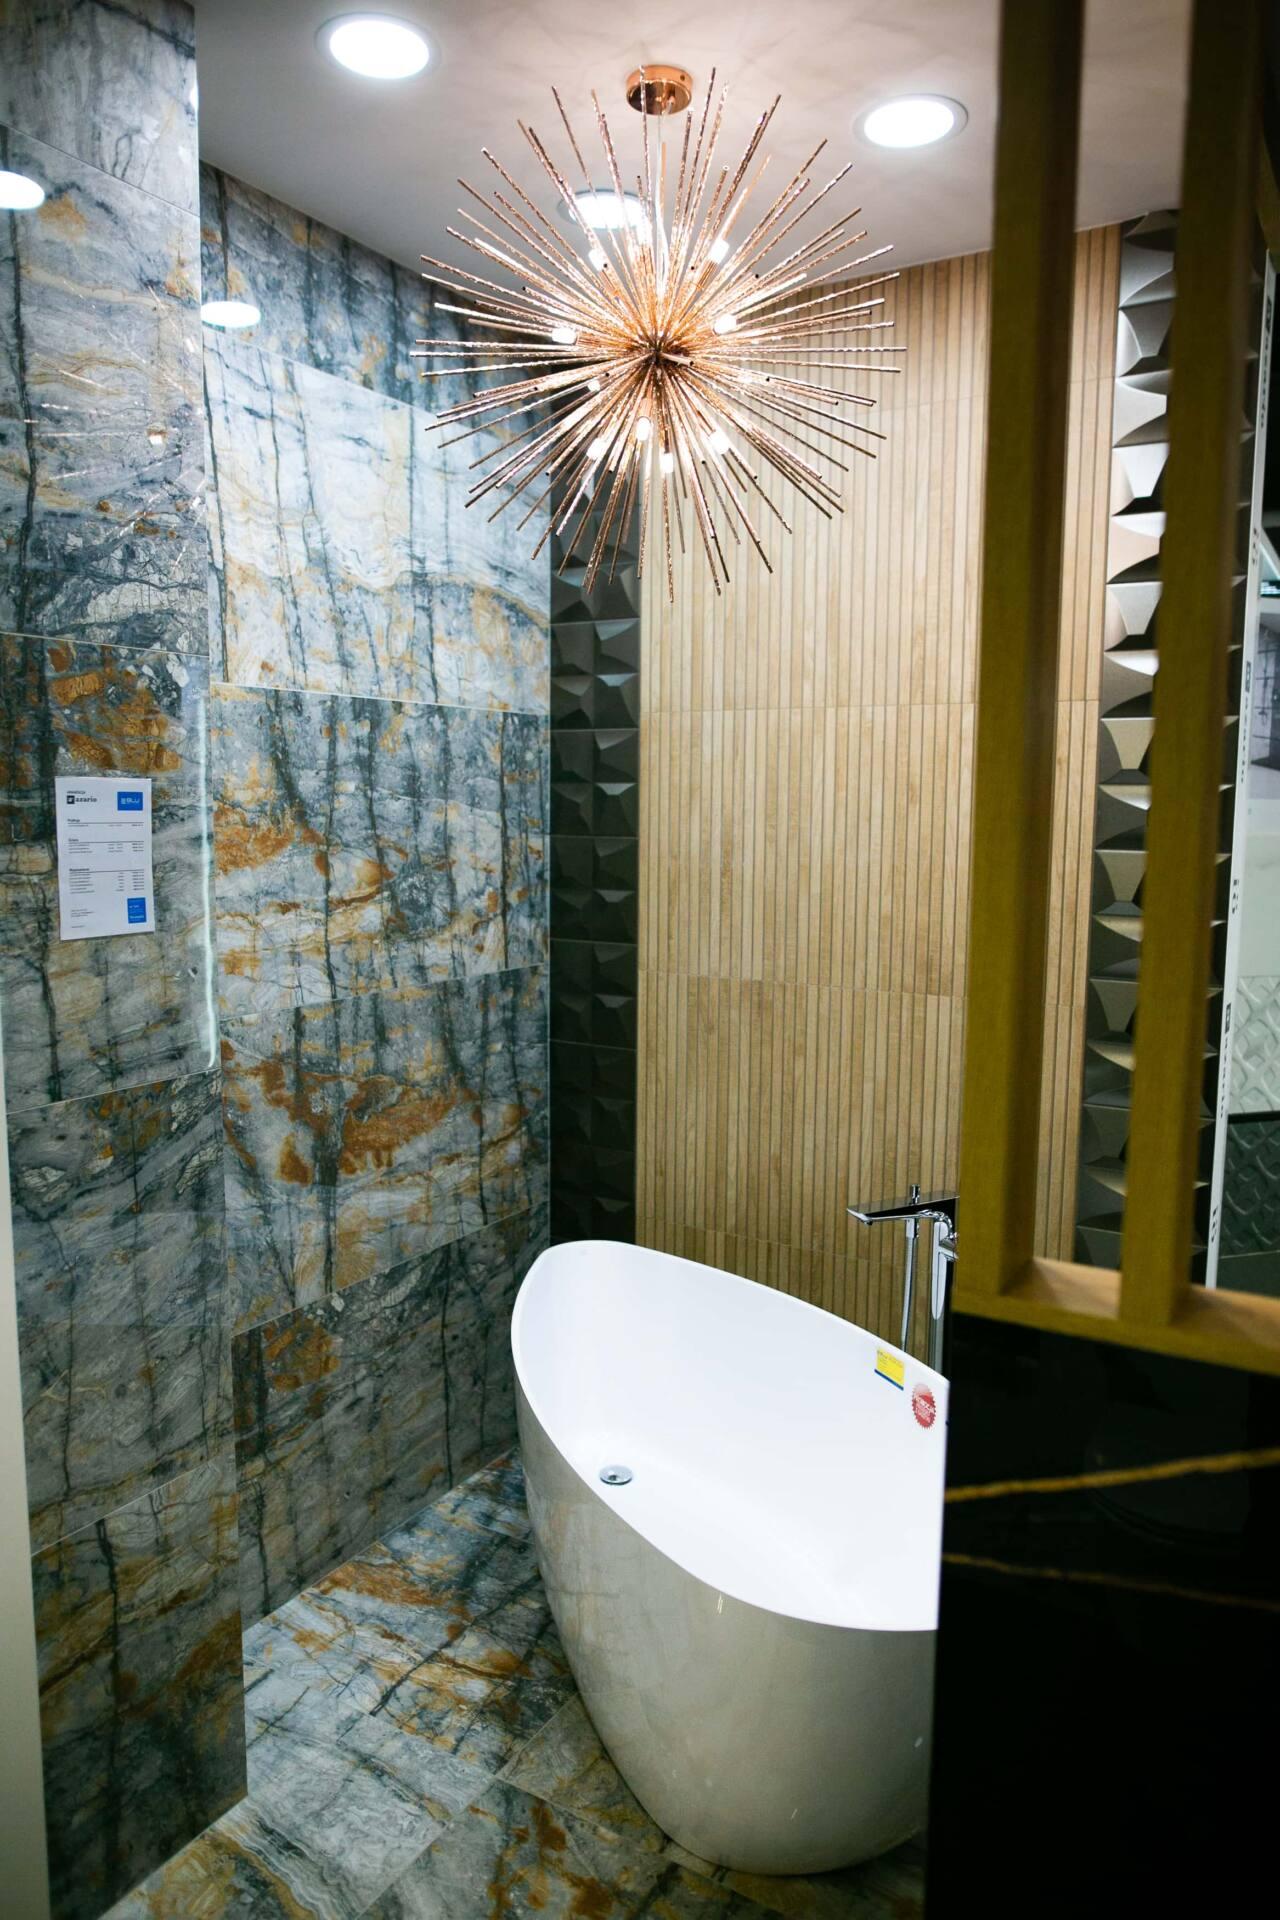 5db 5613 Salon BLU: na ponad 500 m2., 36 łazienkowych aranżacji i bogata ekspozycja wyposażenia (zdjęcia)